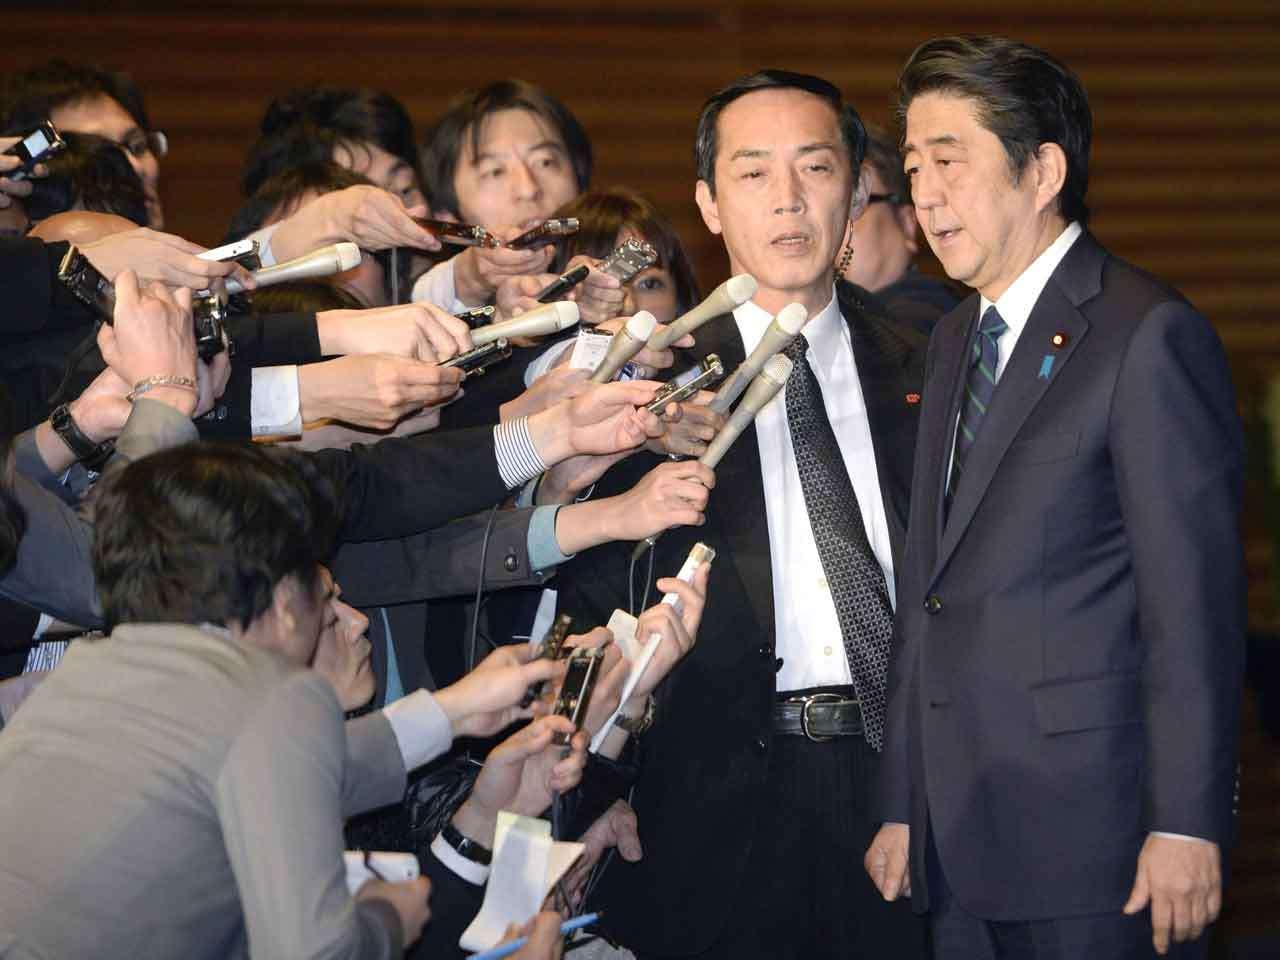 El primer ministro japonés, Shinzo Abe, es interrogado por un grupo de reporteros tras una conferencia de prensa sobre el caso de los dos rehenes japoneses del Estado Islámico, el 24 de enero de 2015. Foto: AP en español